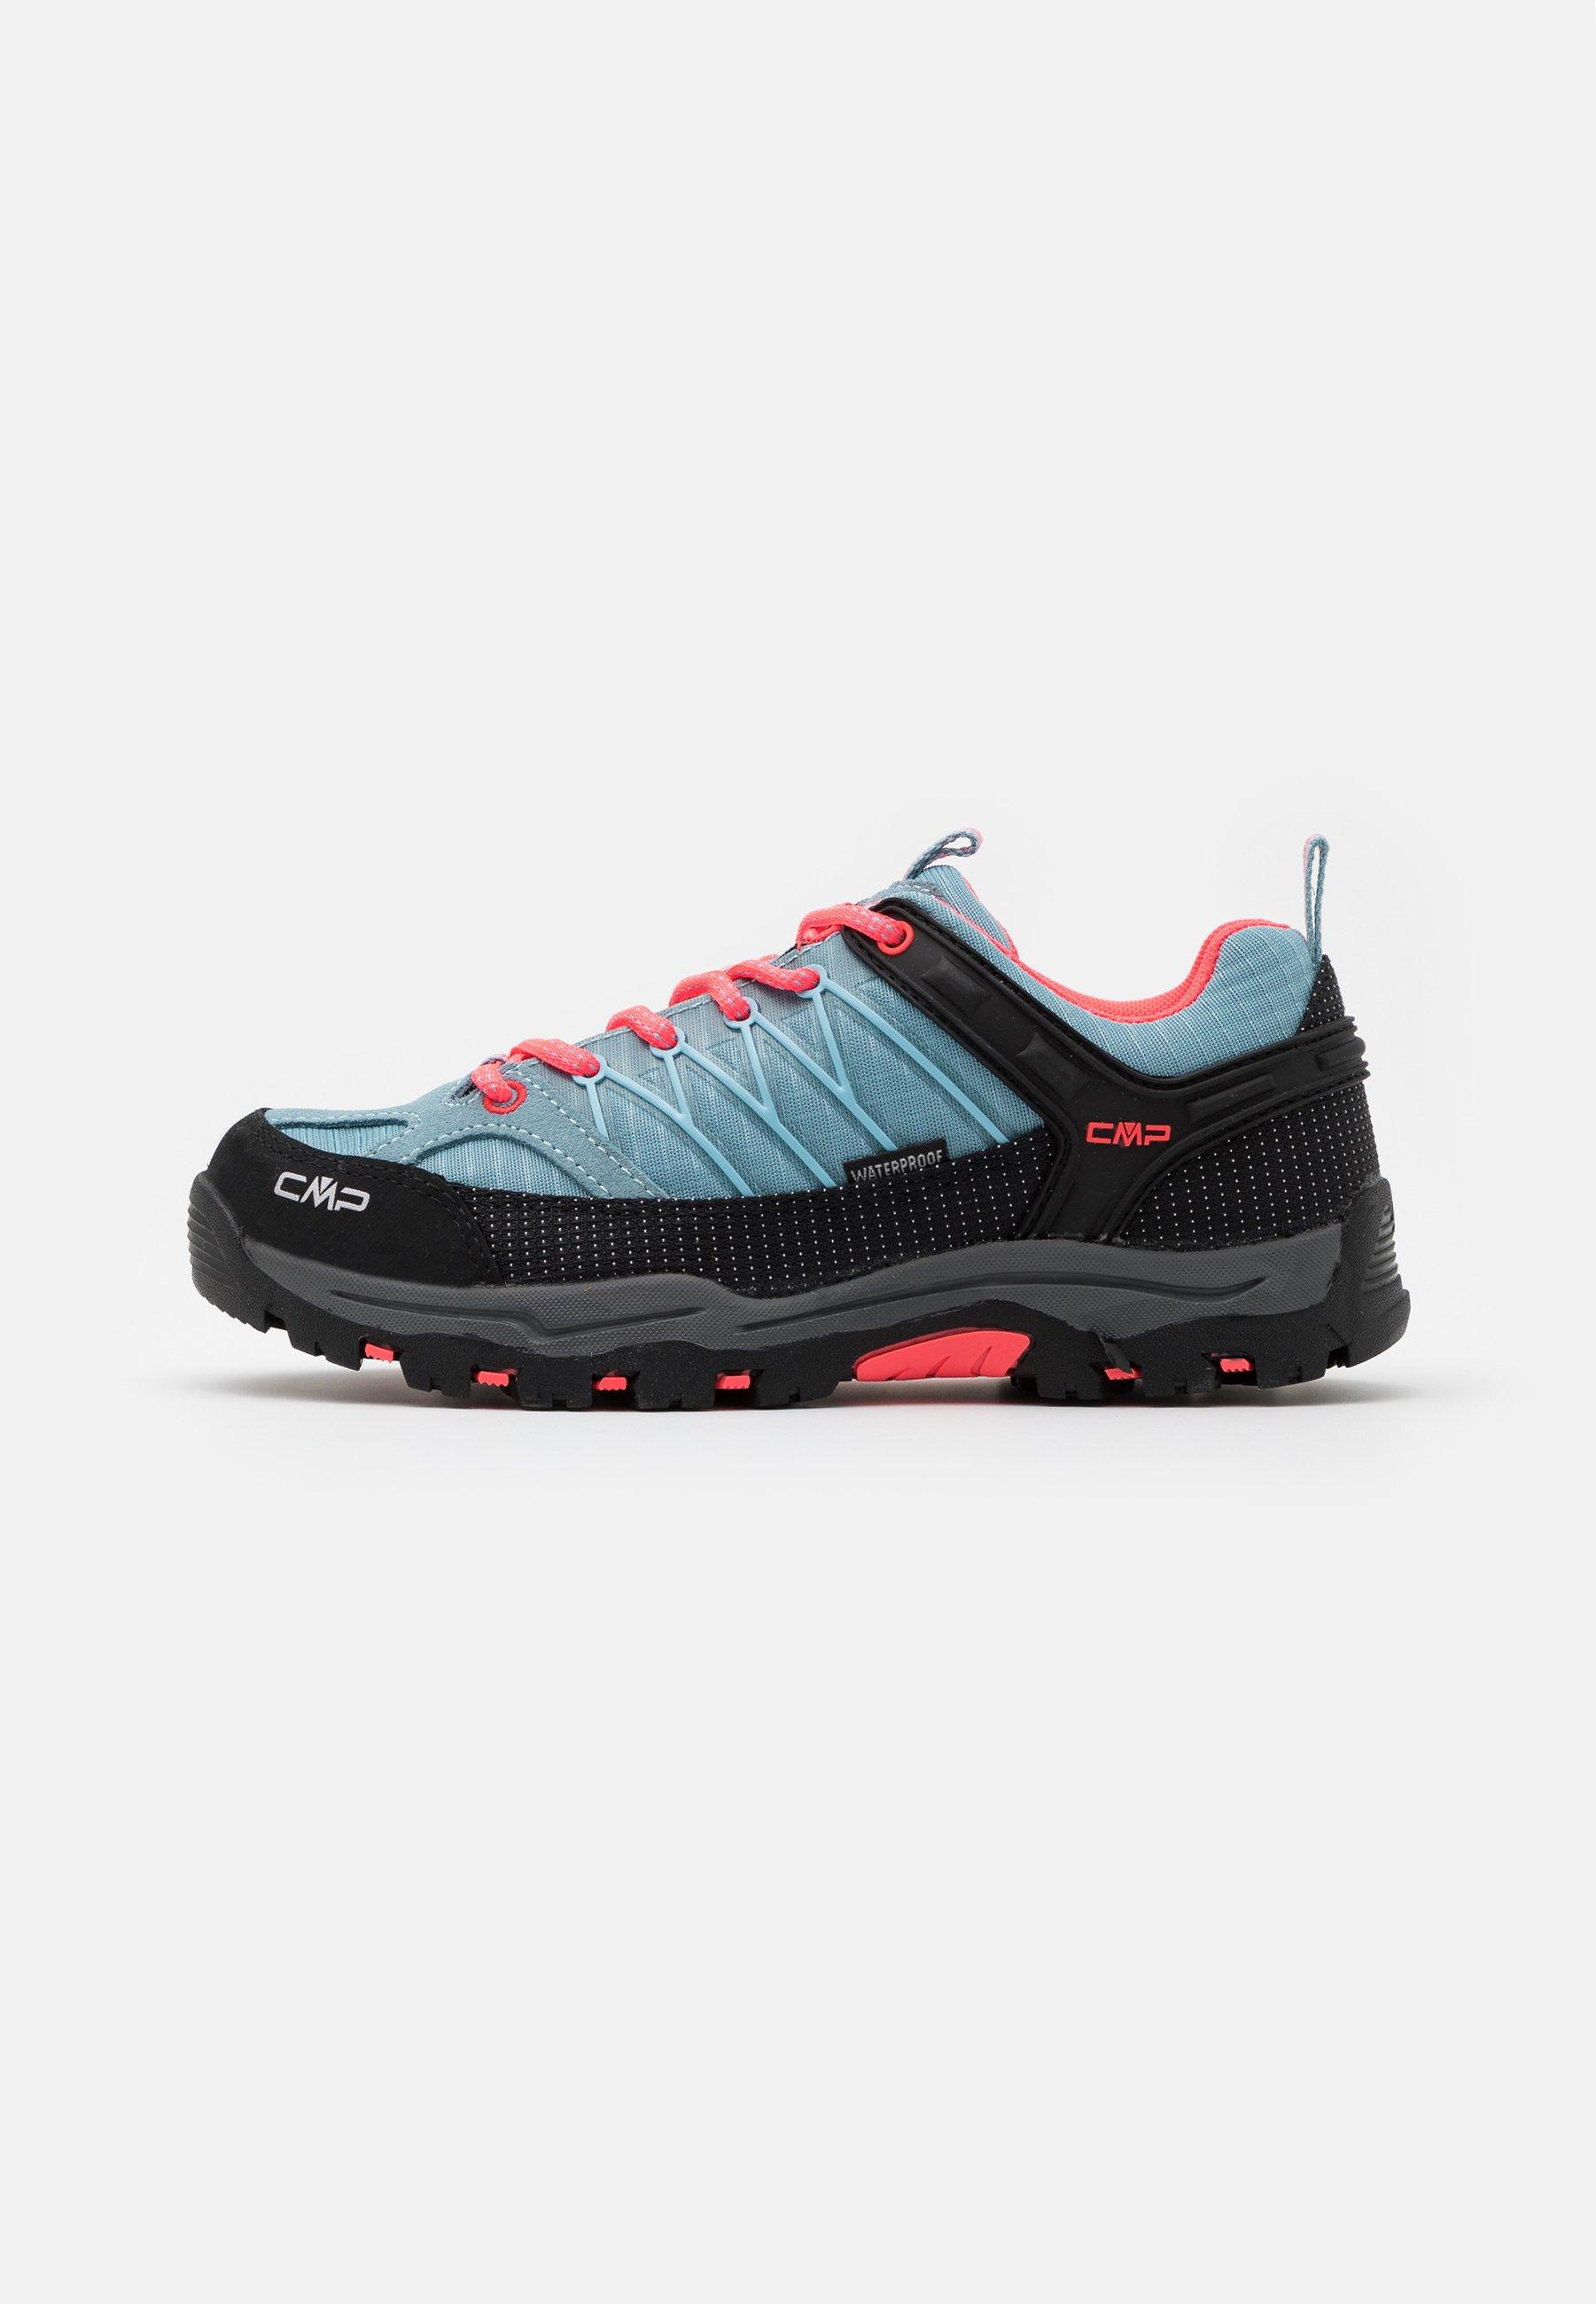 CMP Skor online. Köp dina skor på ZALANDO.se